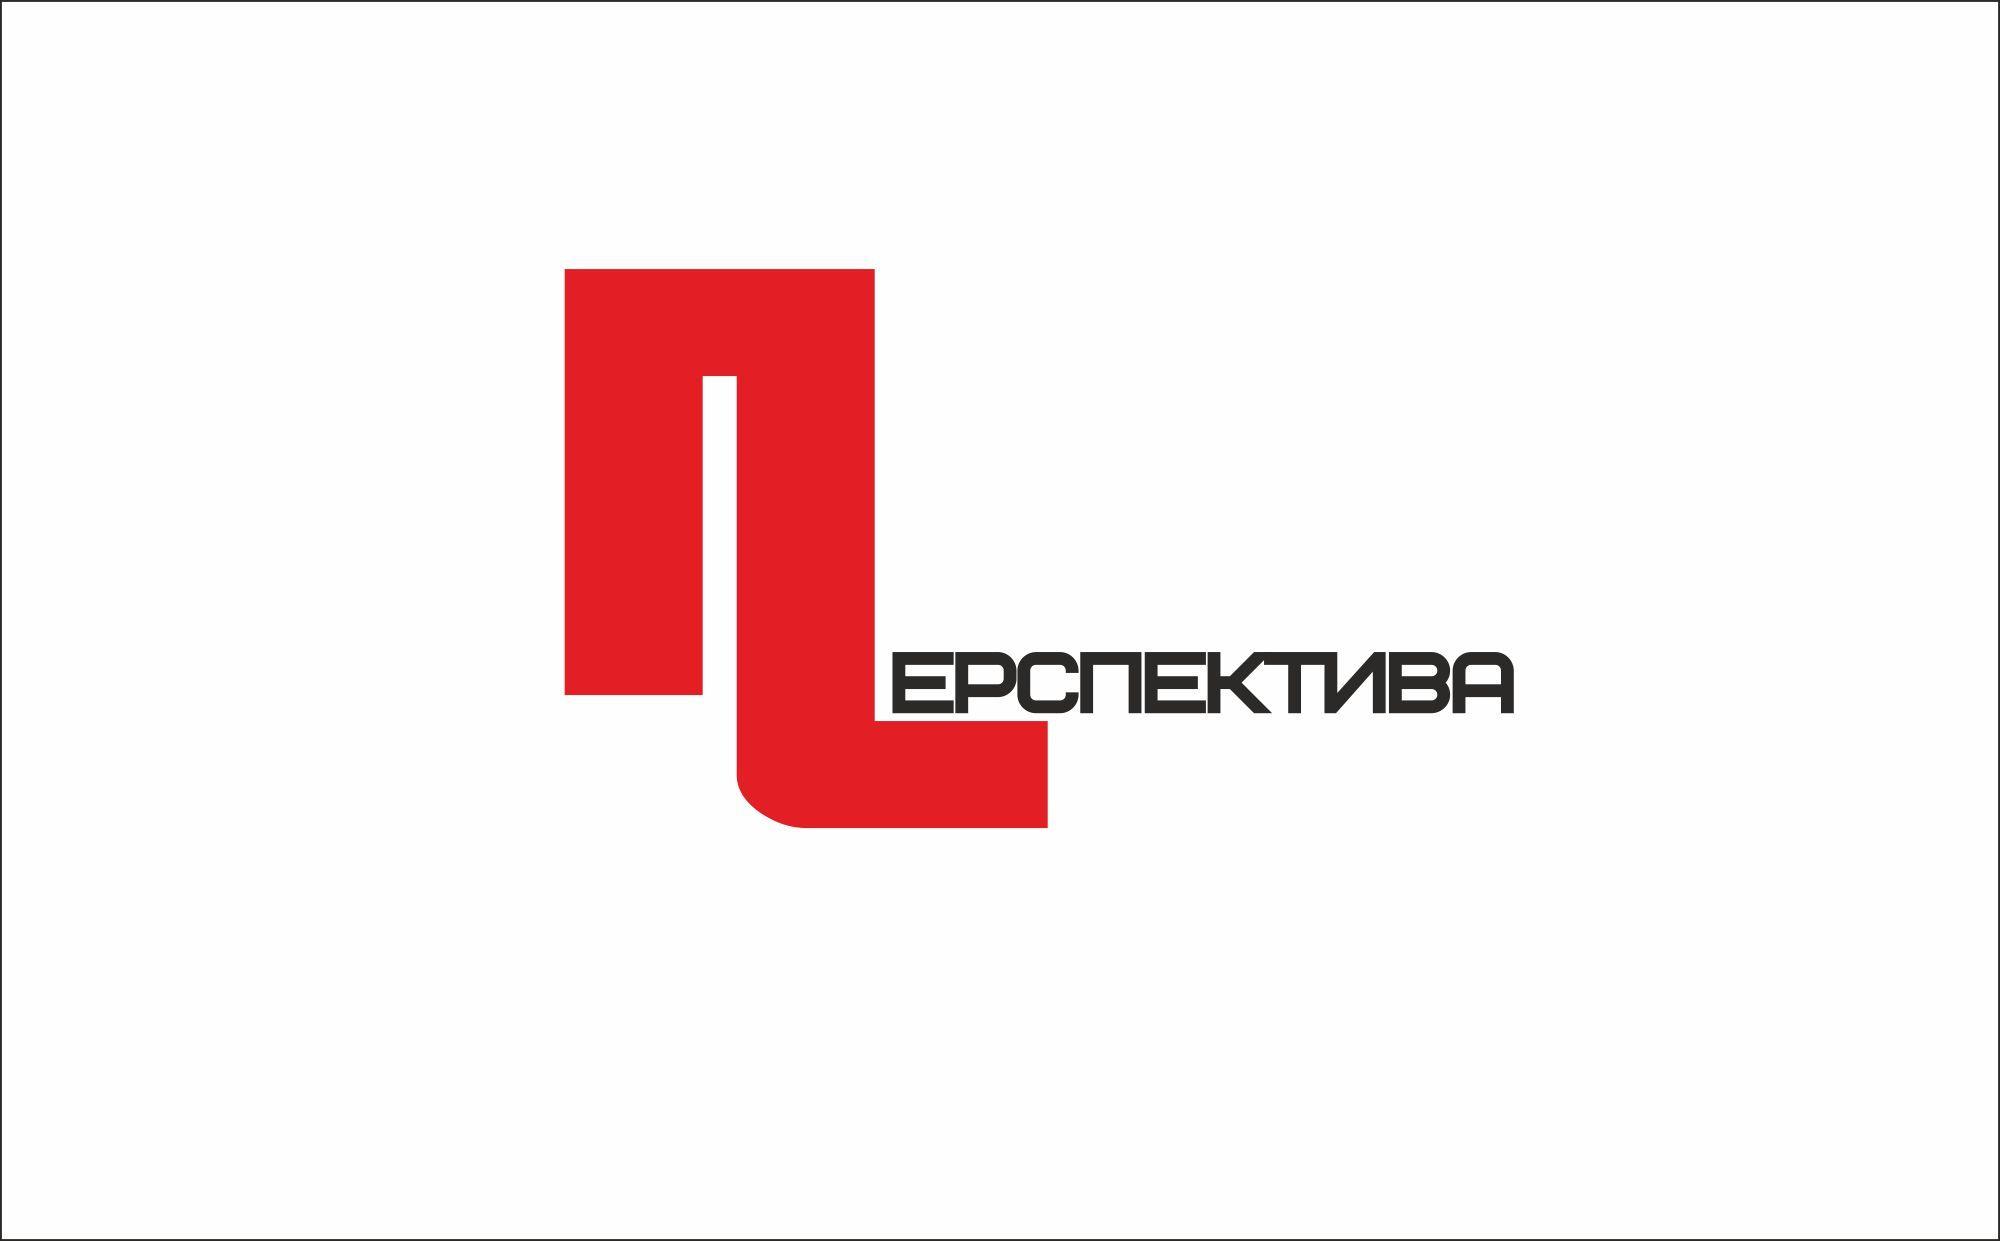 Логотип для компании  - дизайнер ThCat